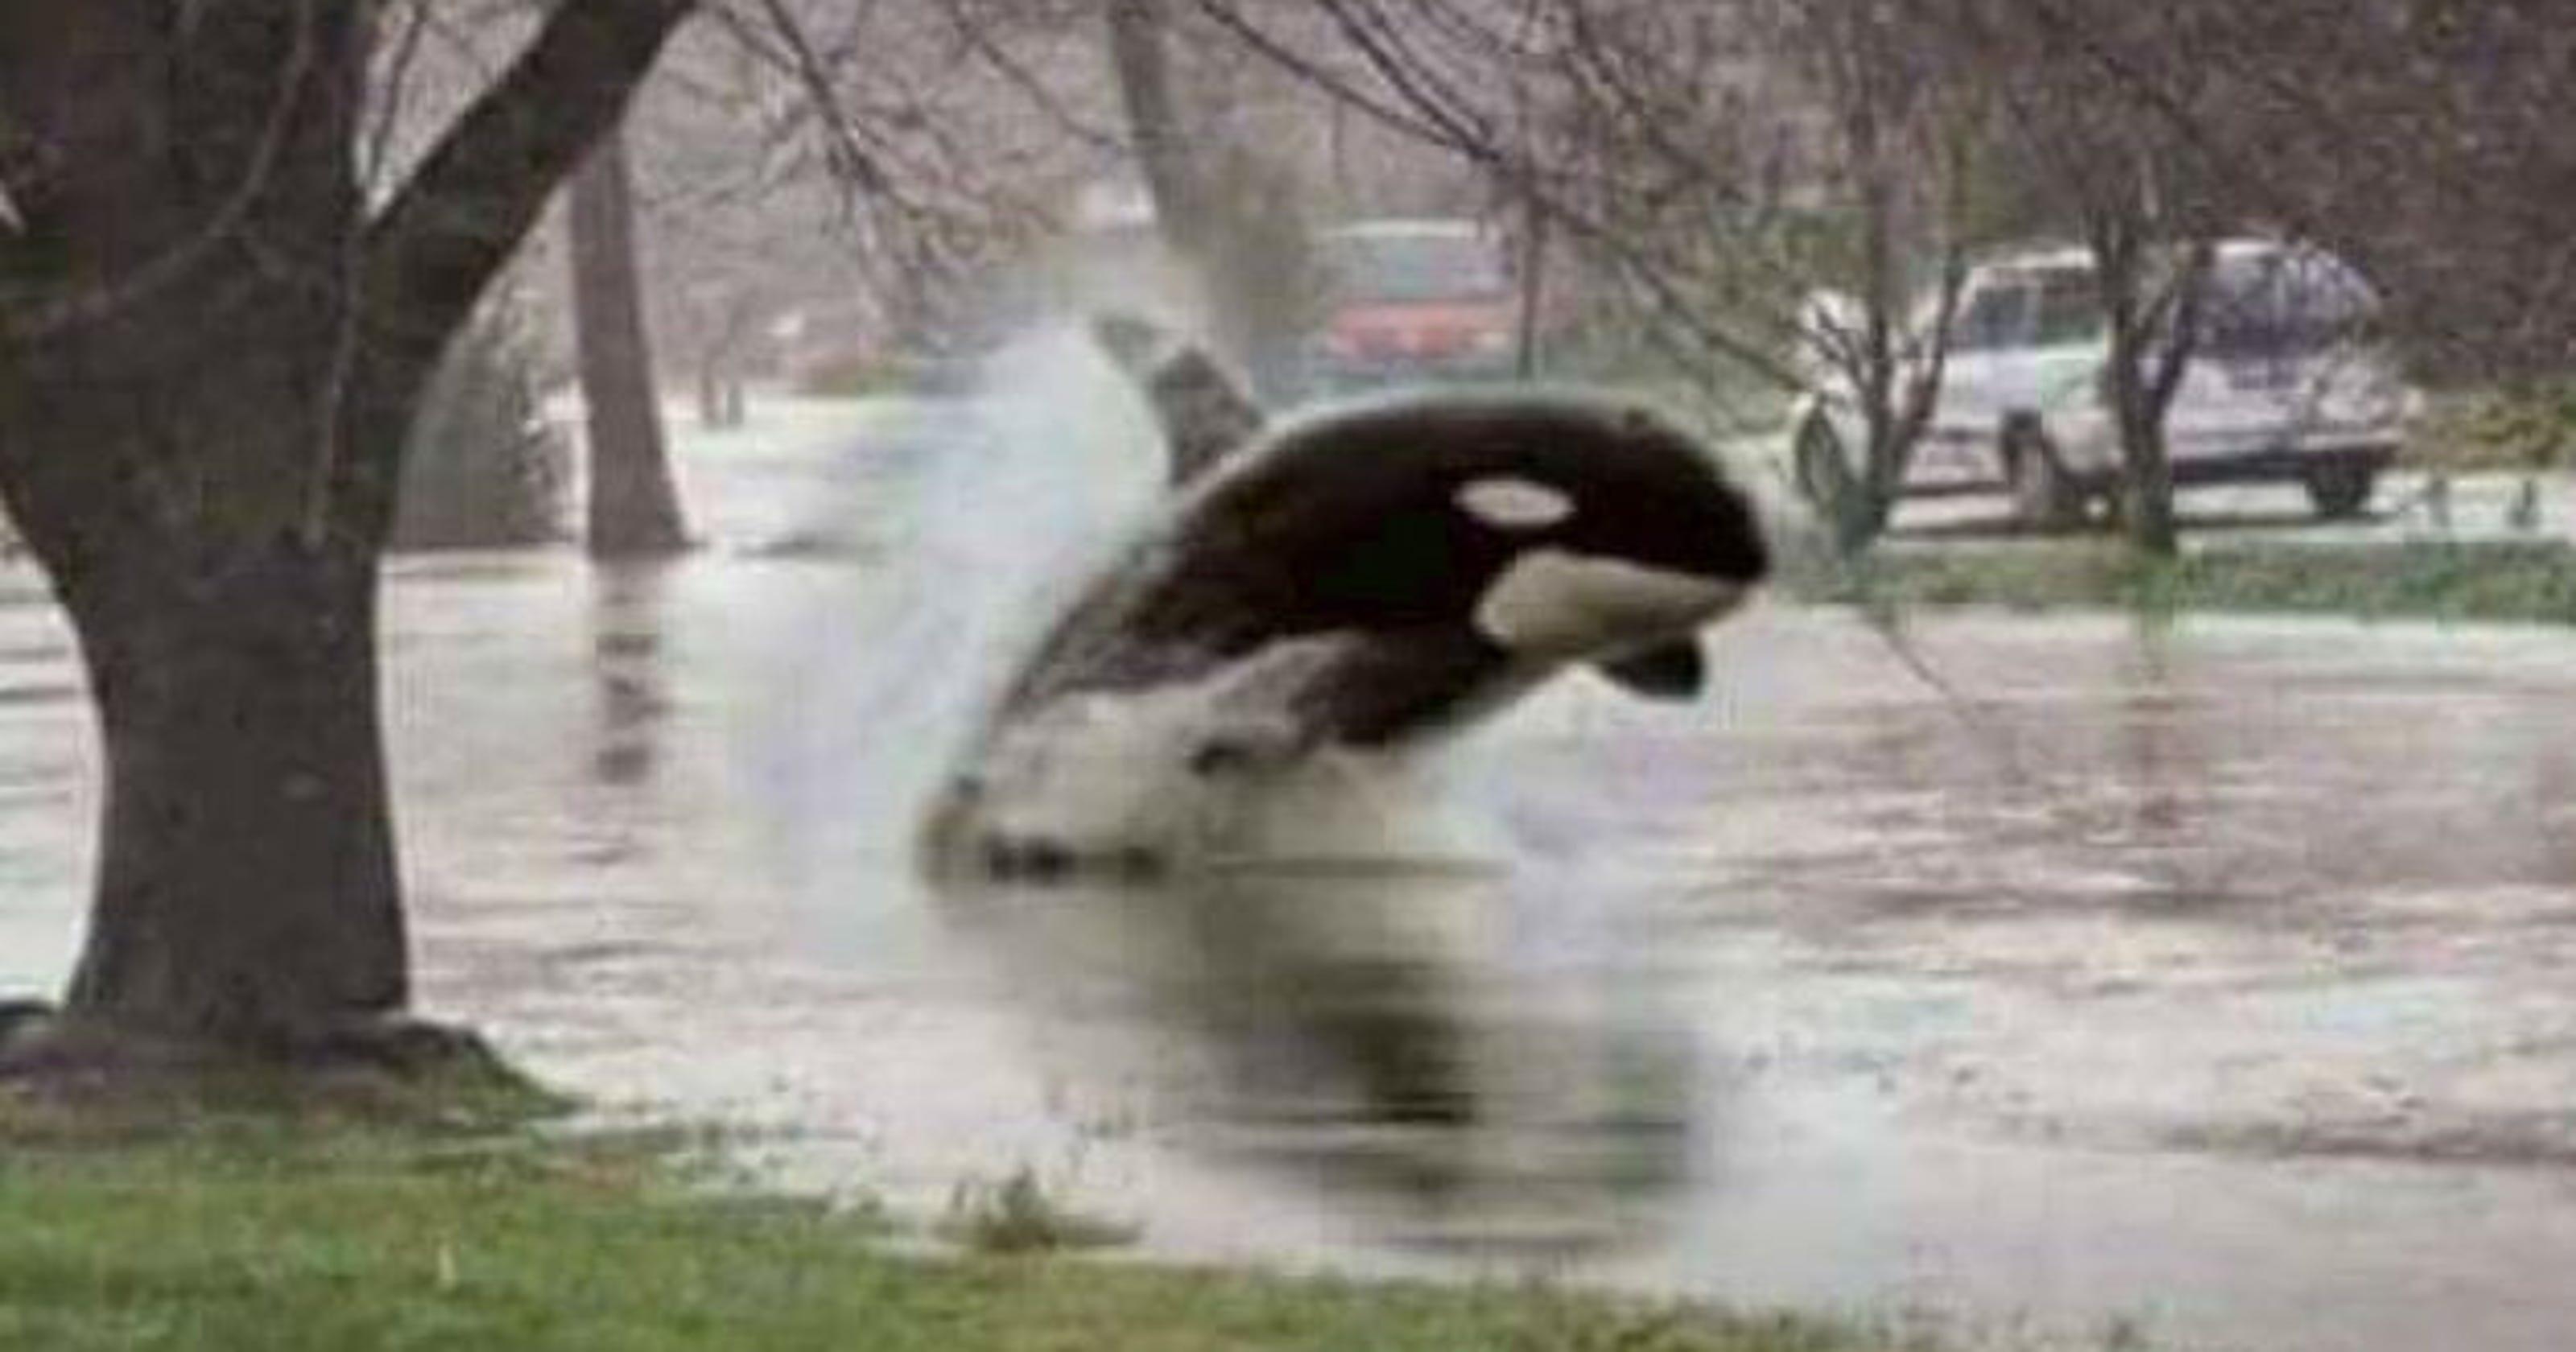 Florida Rain Memes Flood Internet Once Again